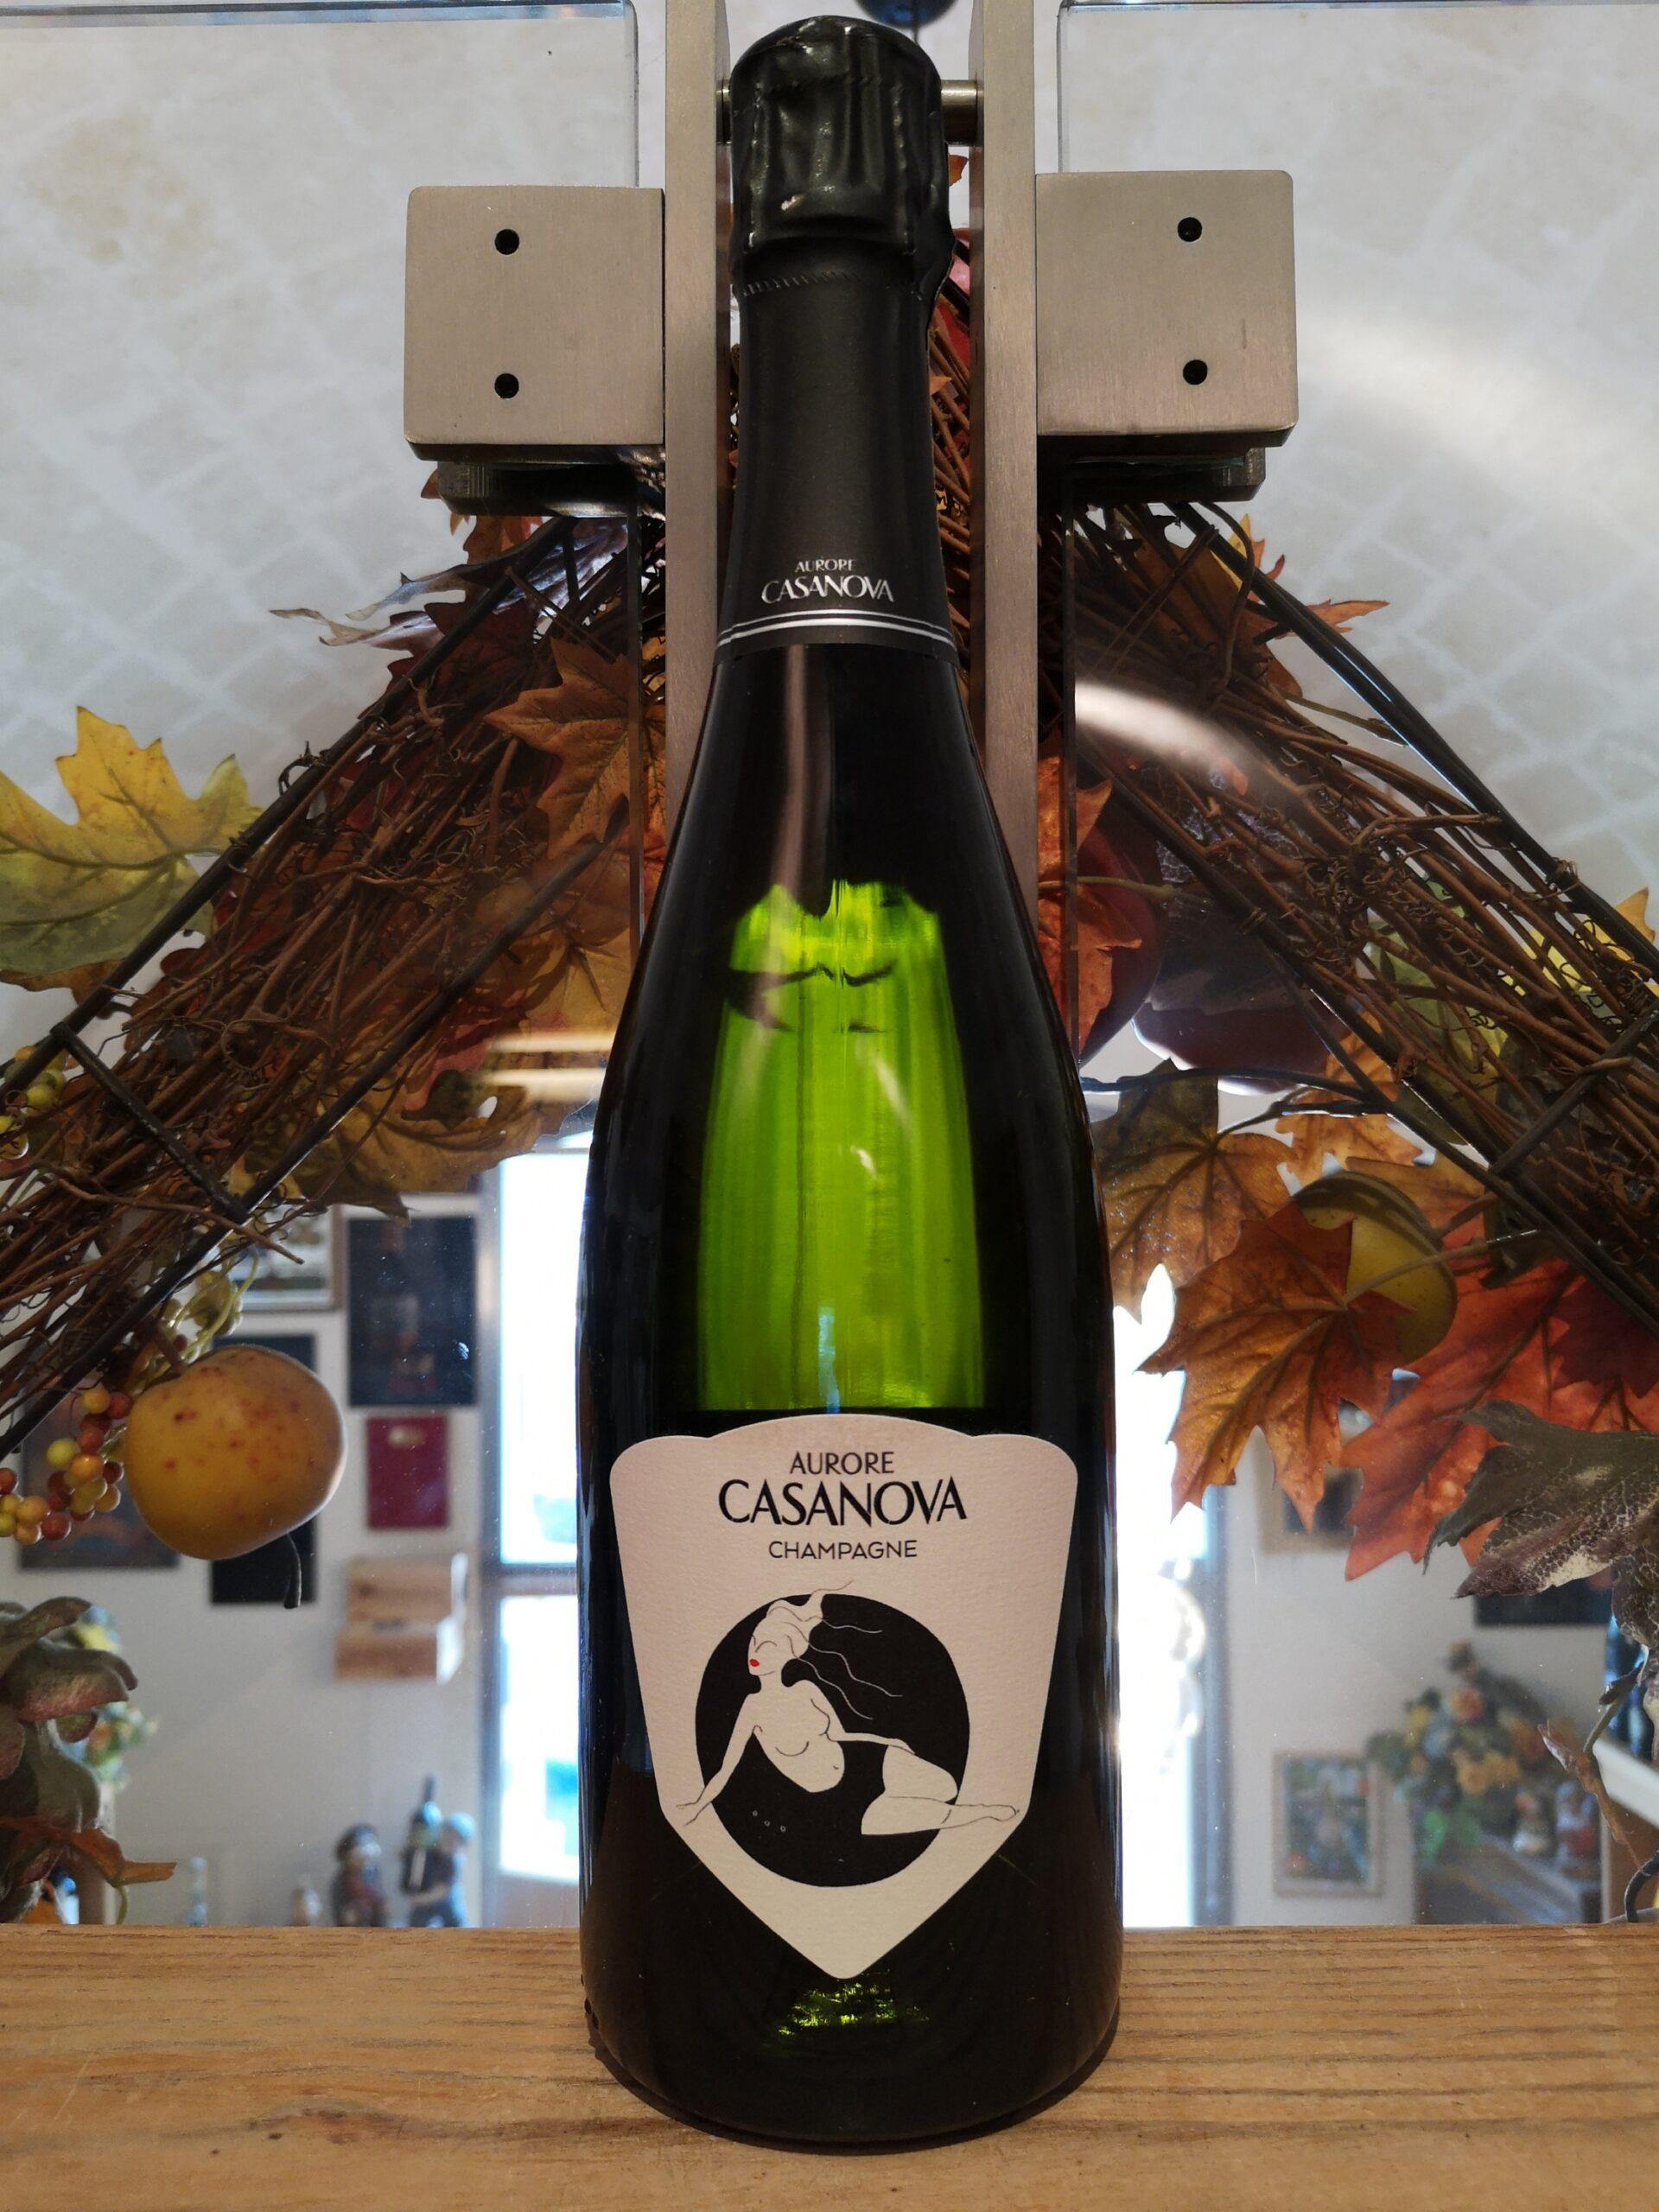 Divine Aurore Casanova Champagne AOC Grand Cru Blanc de Noirs Extra Brut 2016